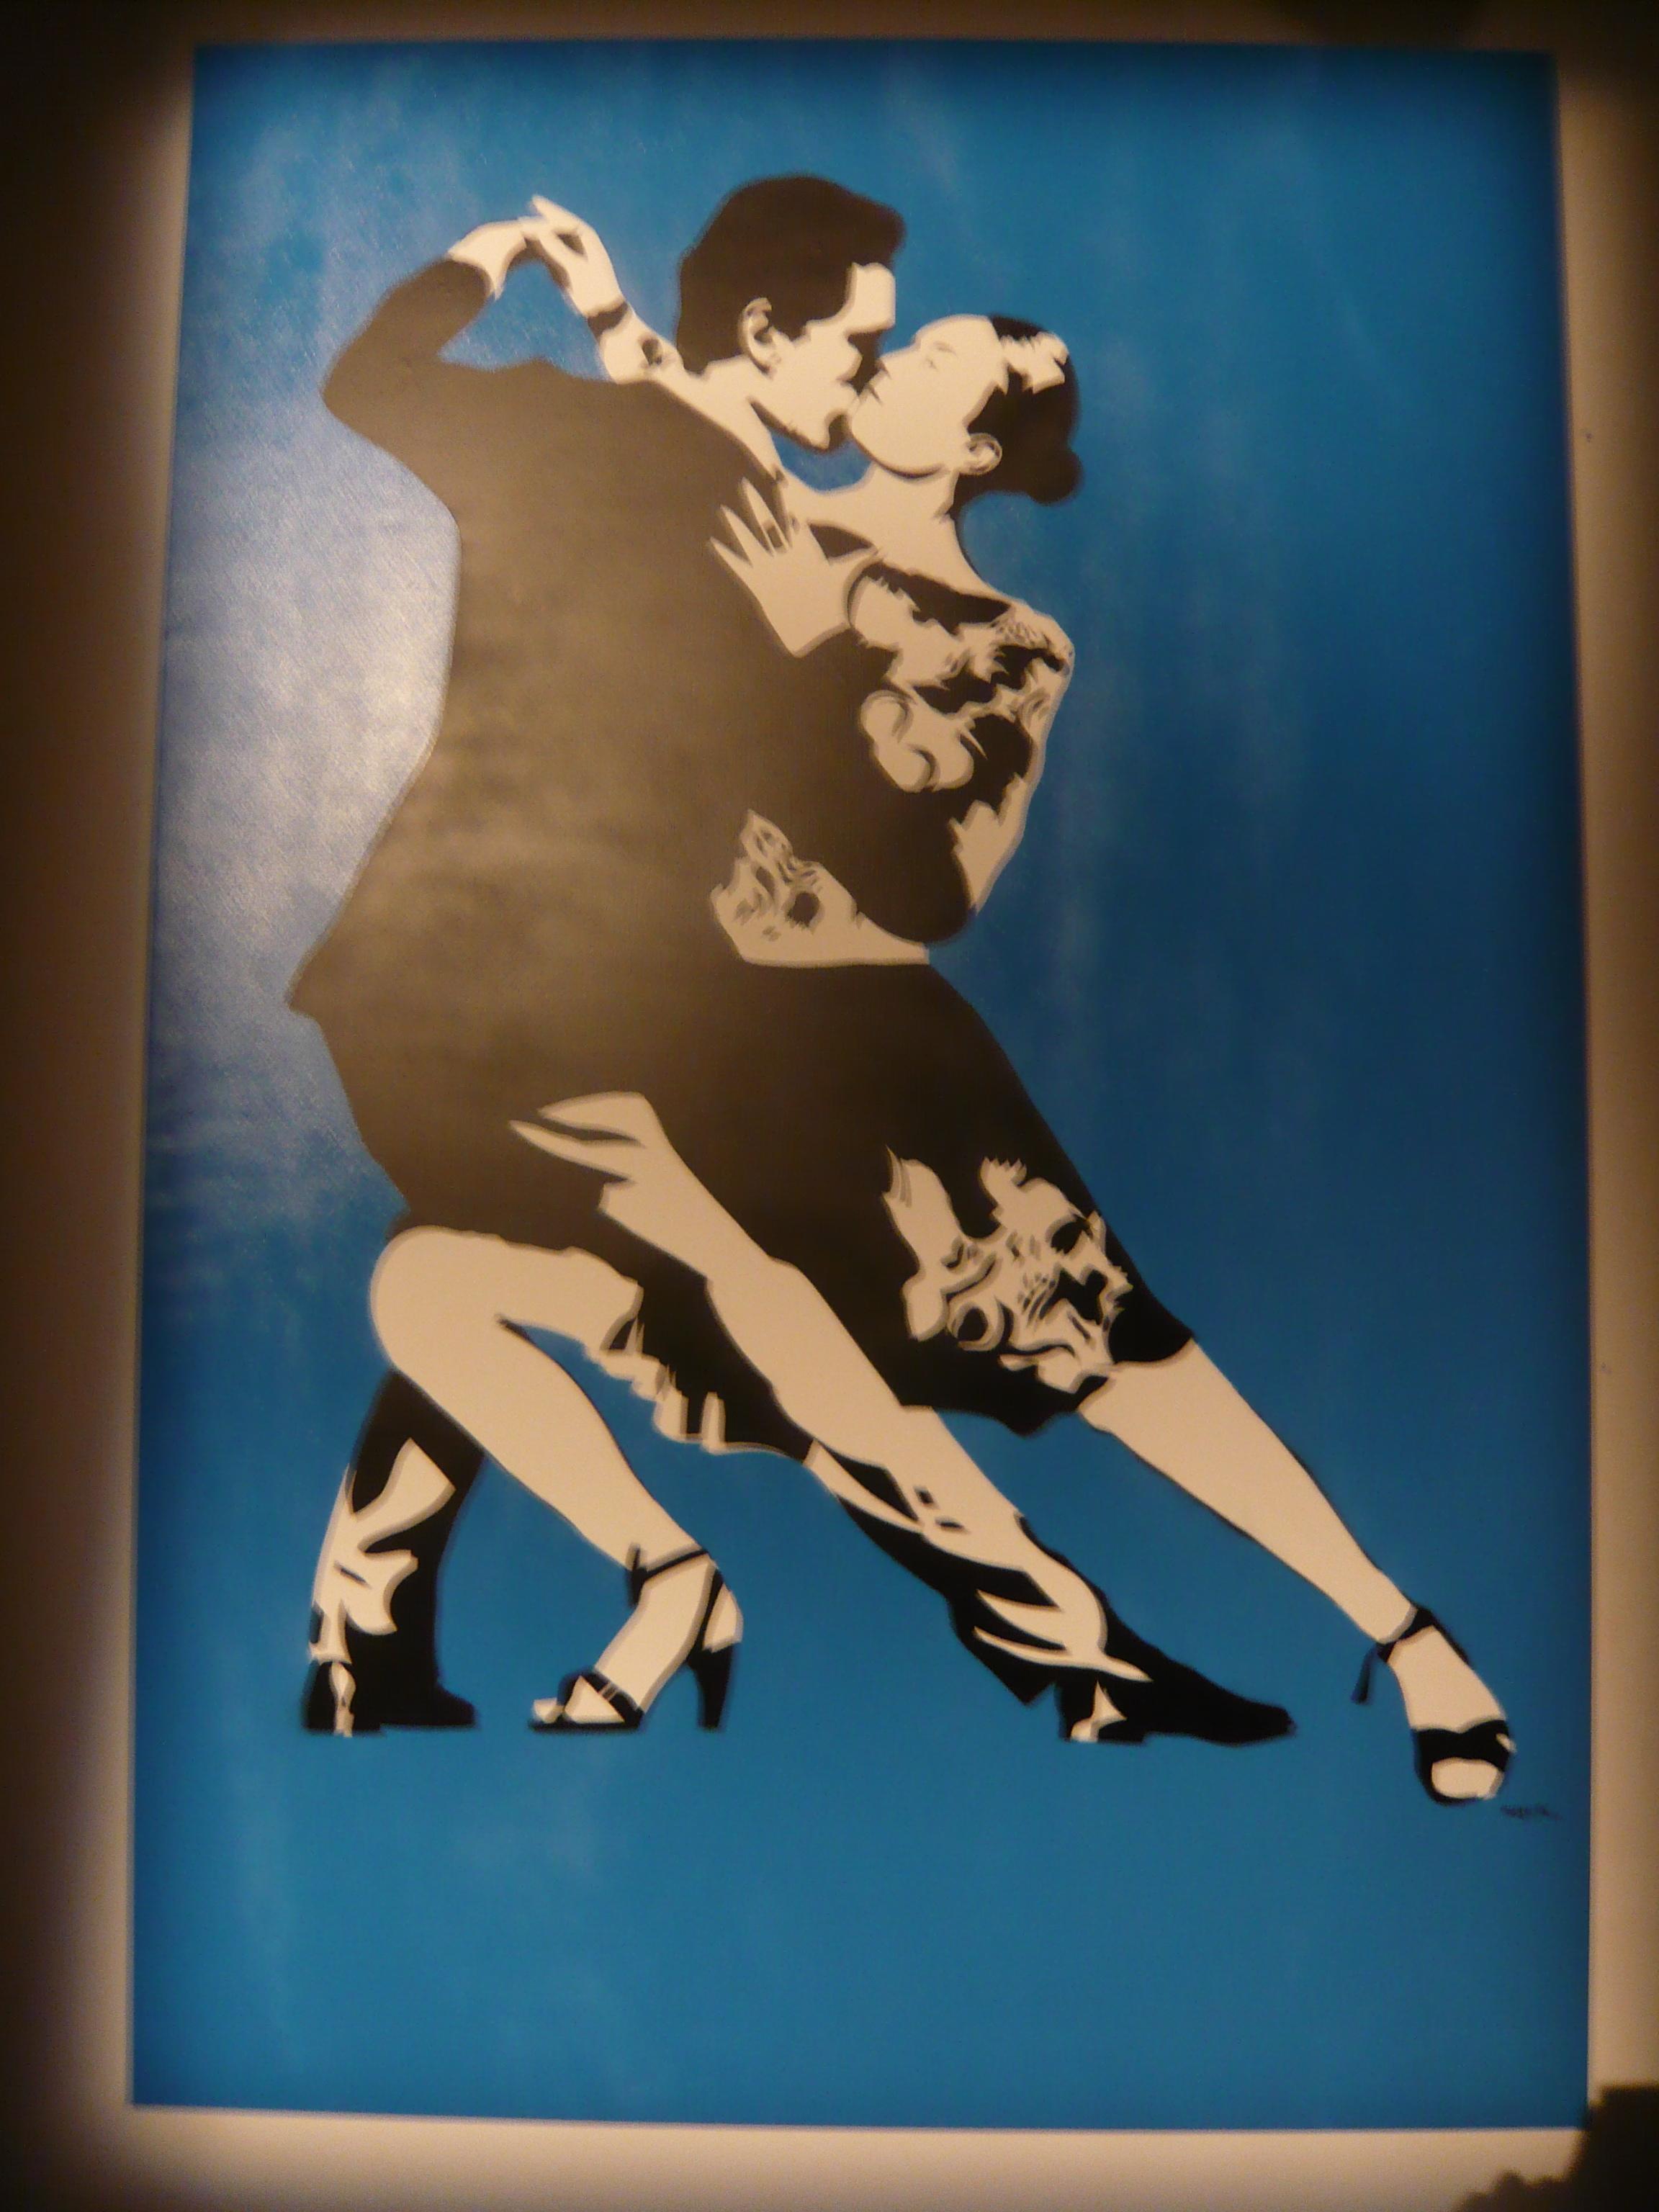 Tango by Blek le Rat. Photo by RJ